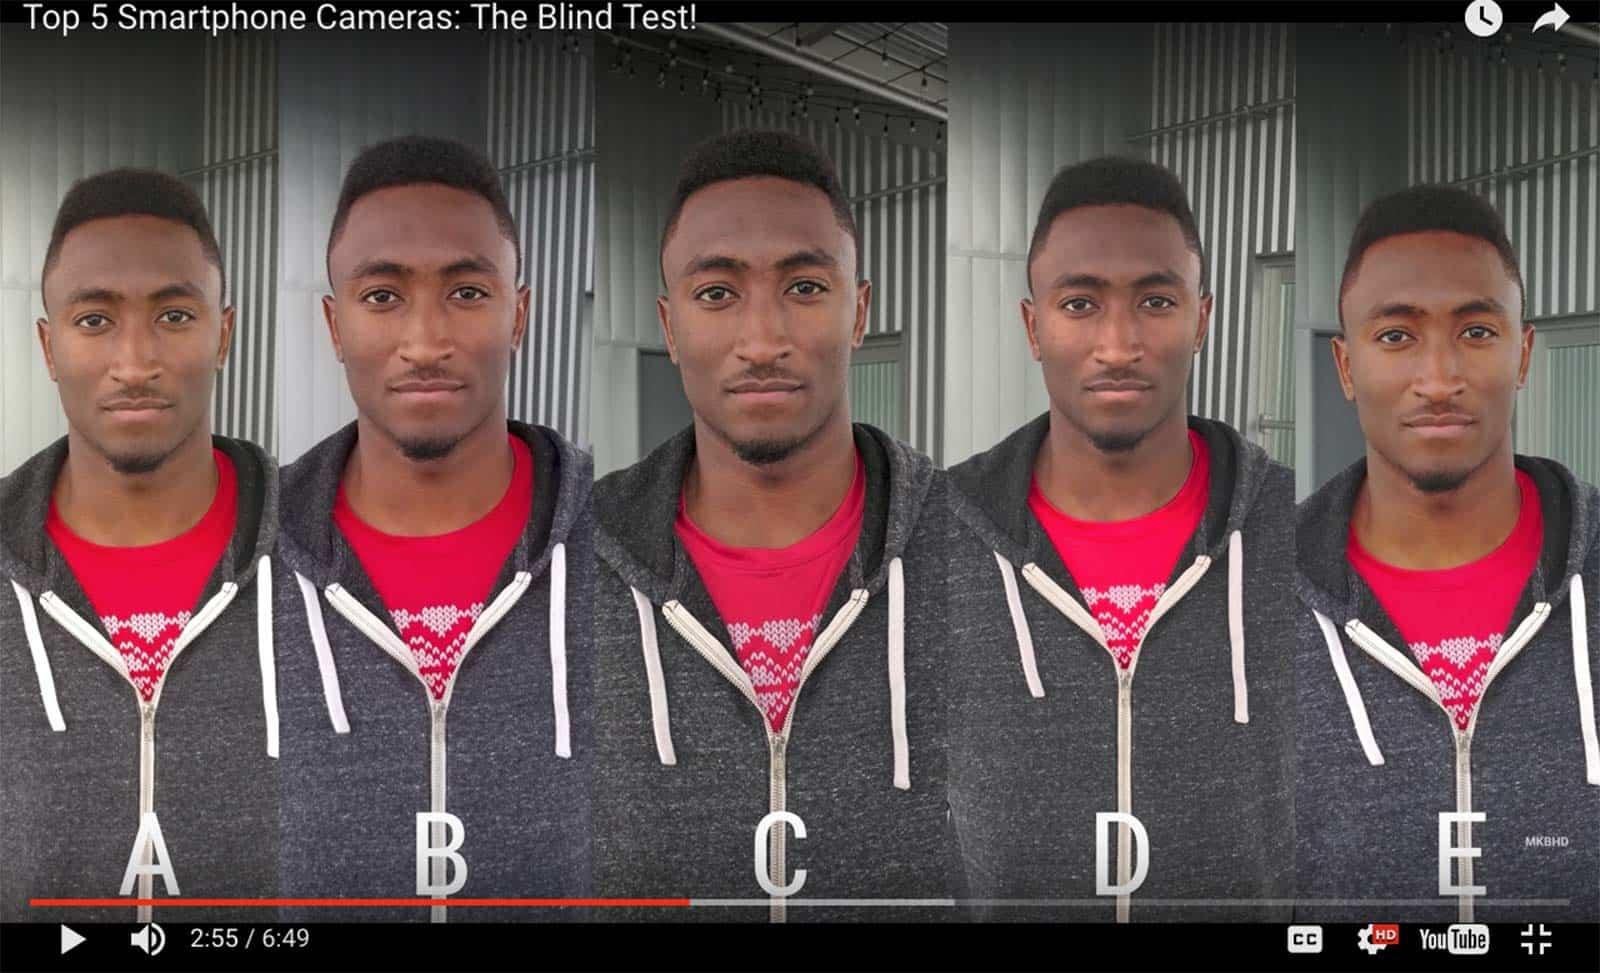 blind camera test